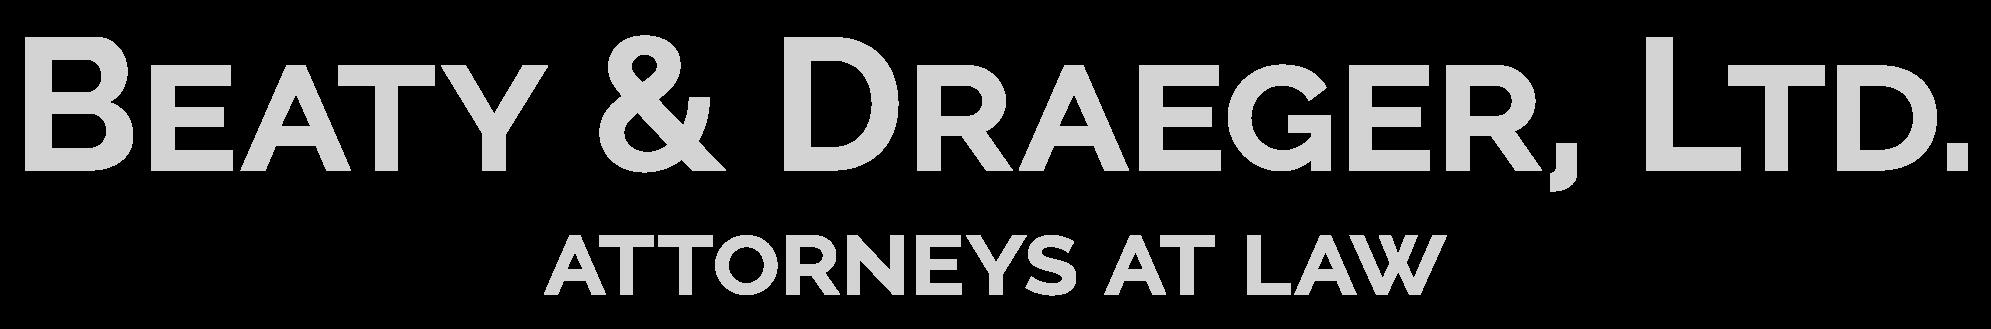 Beaty and Draeger LTD logo